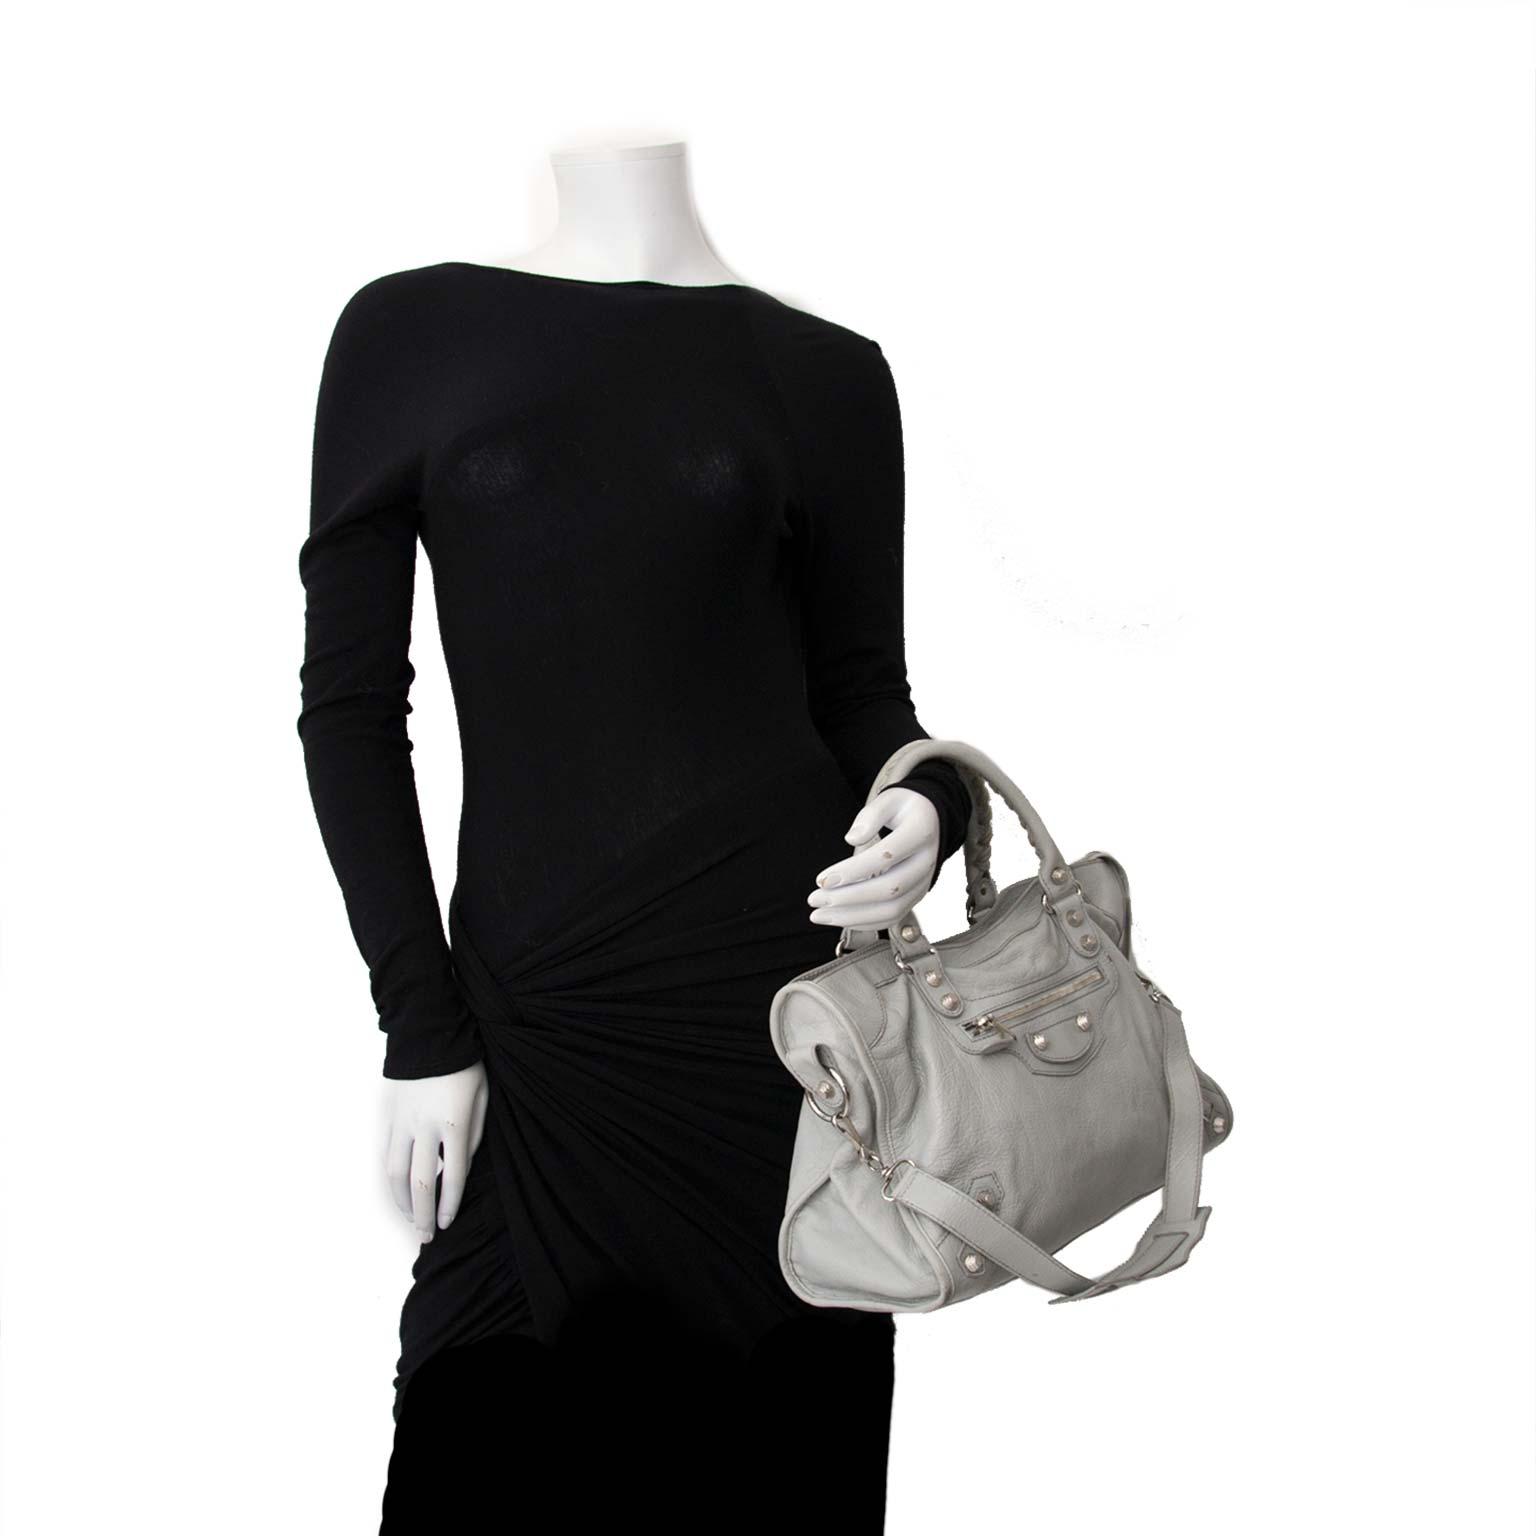 Acheter secur en ligne votre sac Balenciaga Giant Stone Grey City Bag pour le meilleur prix